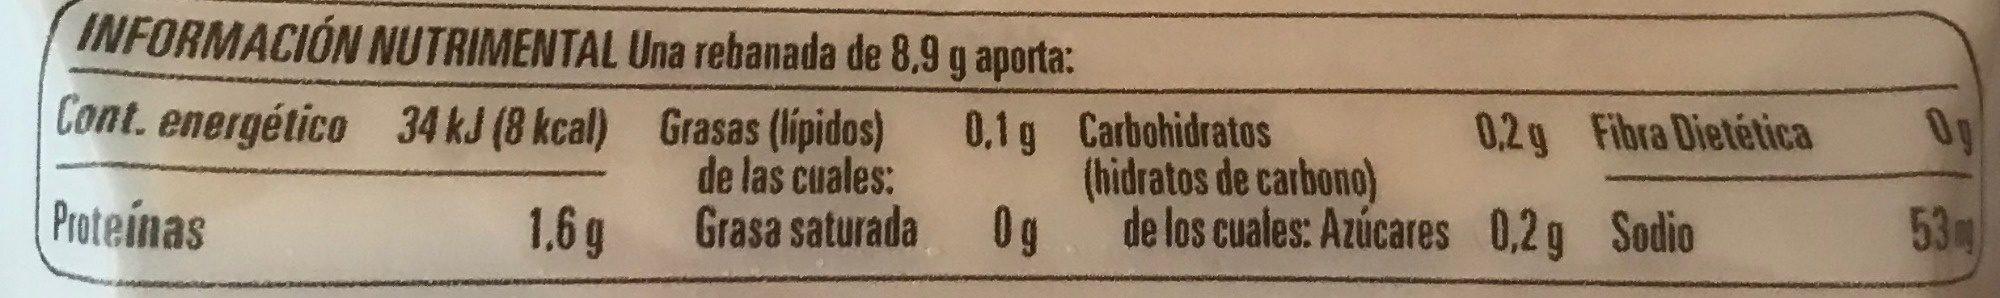 Pechuga de pavo - Voedingswaarden